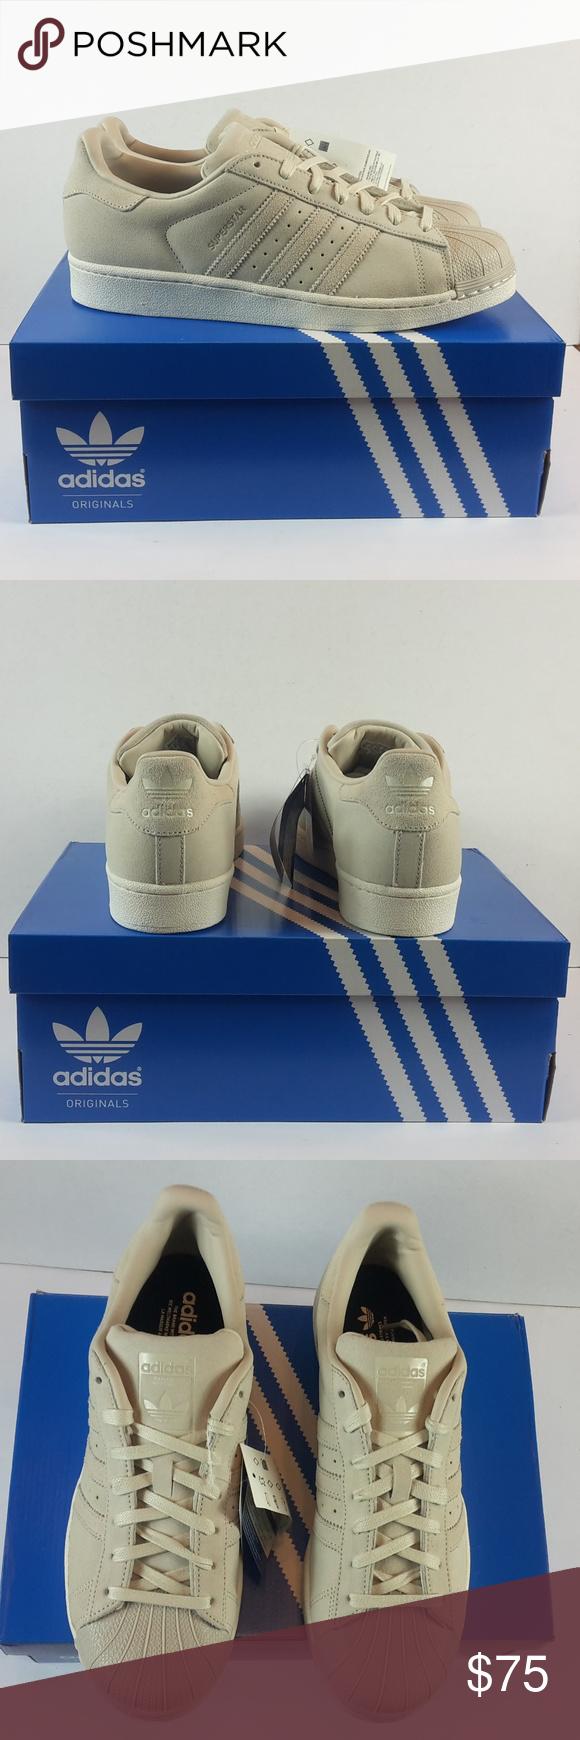 cd0a819ea8f87 NWT Adidas Superstar Originals Sneaker 10 Men NWT